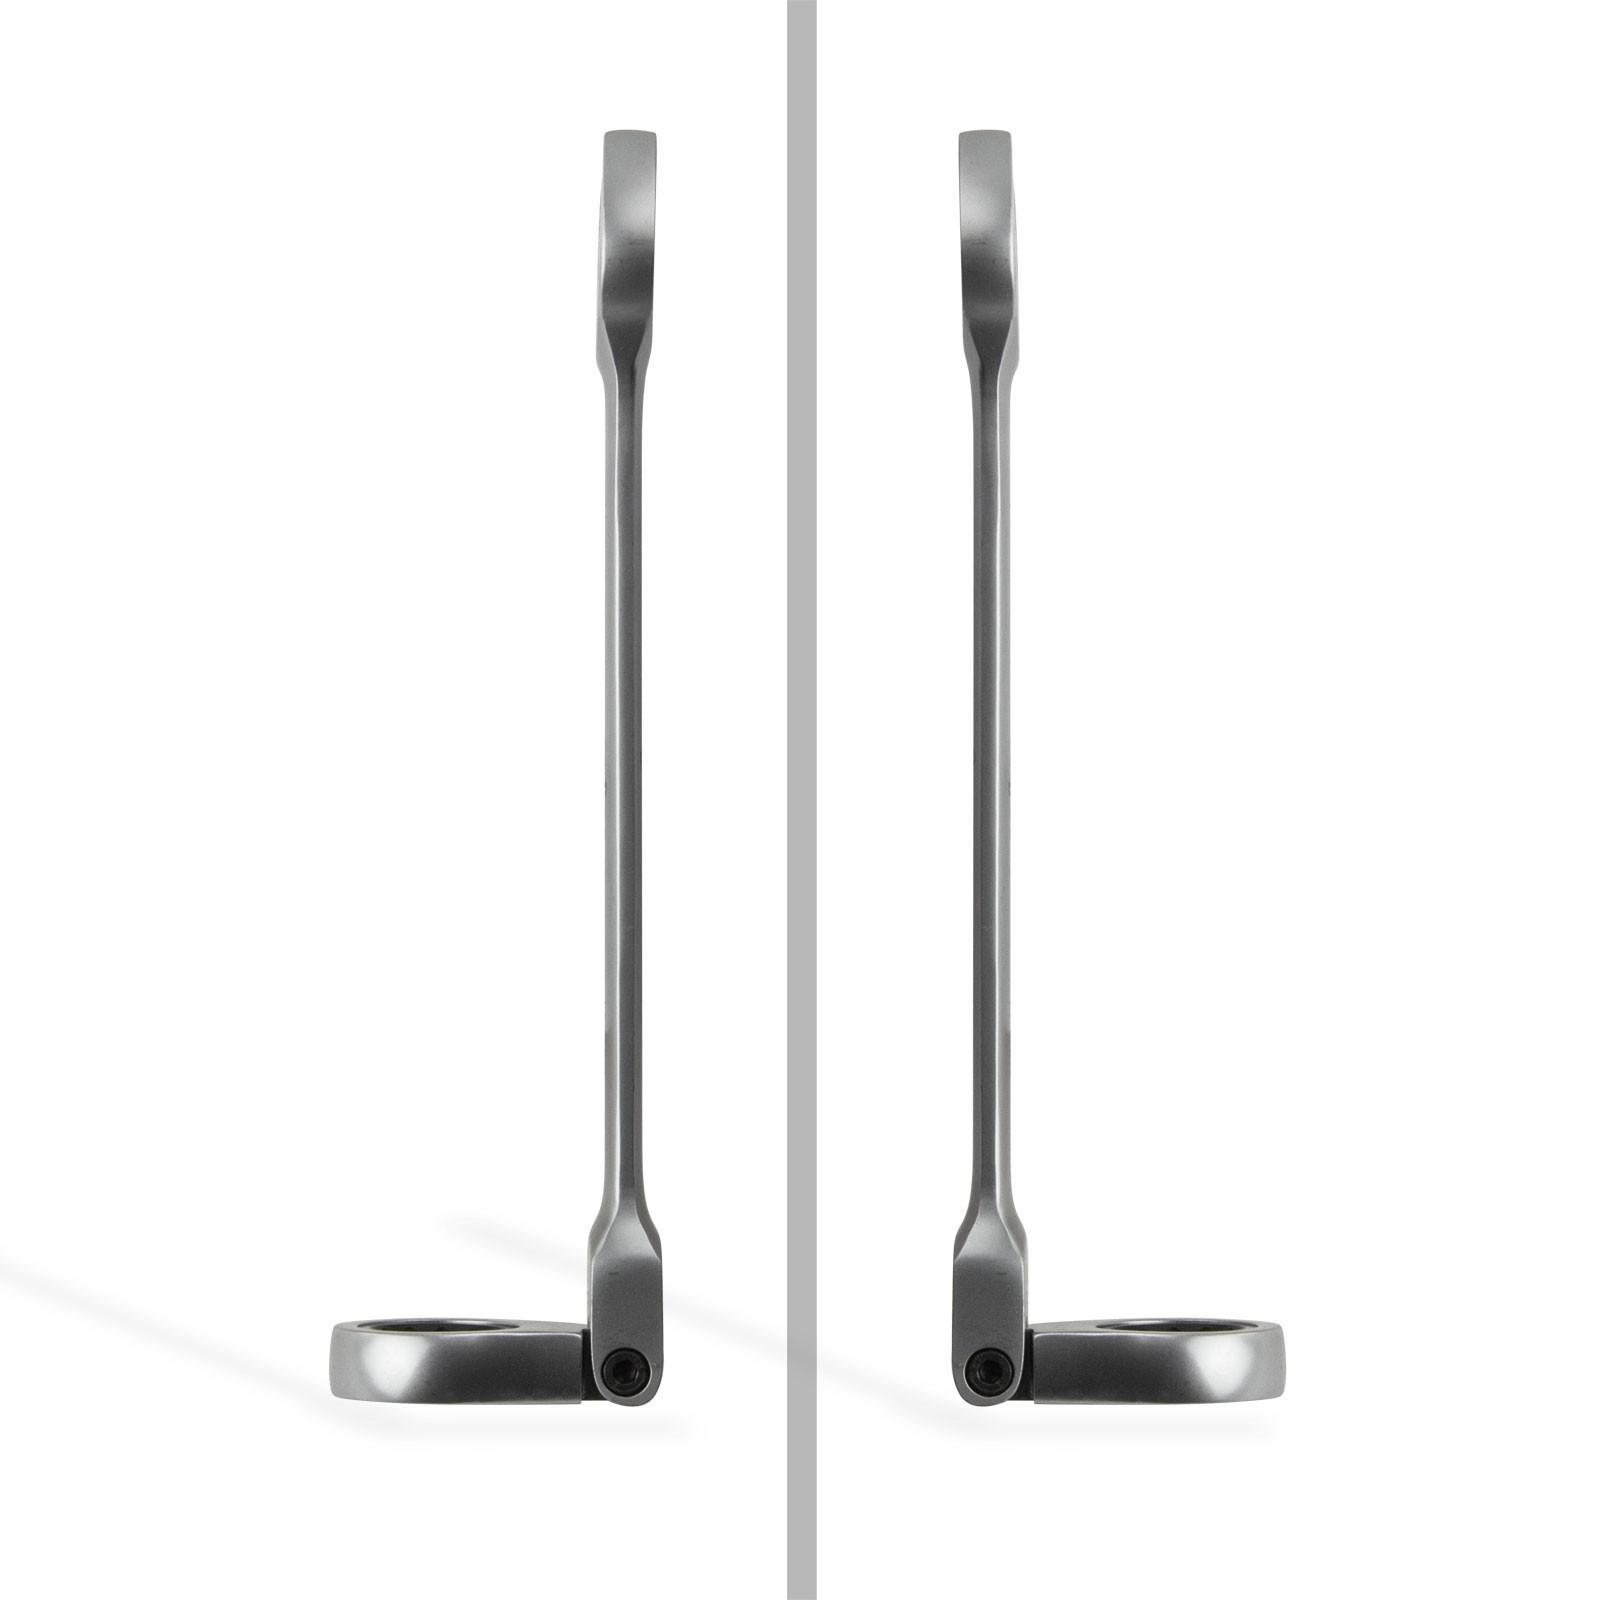 Dema Gelenk- Ratschenringschlüssel / Maul-Ratschenschlüssel 12 mm 21856